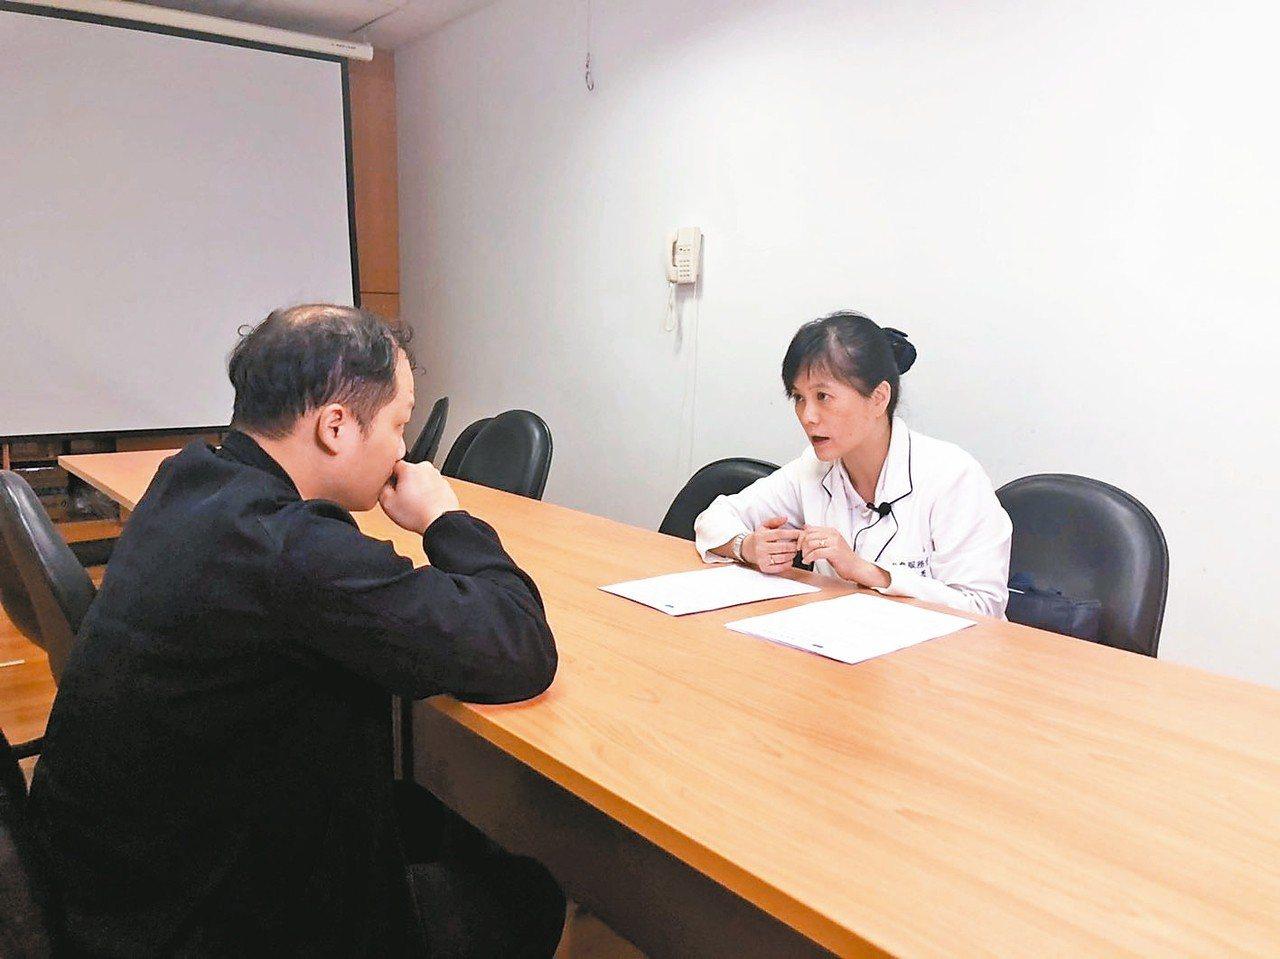 台北慈濟醫院社工師林資菁(右)與家屬溝通器捐。 記者張益華/攝影